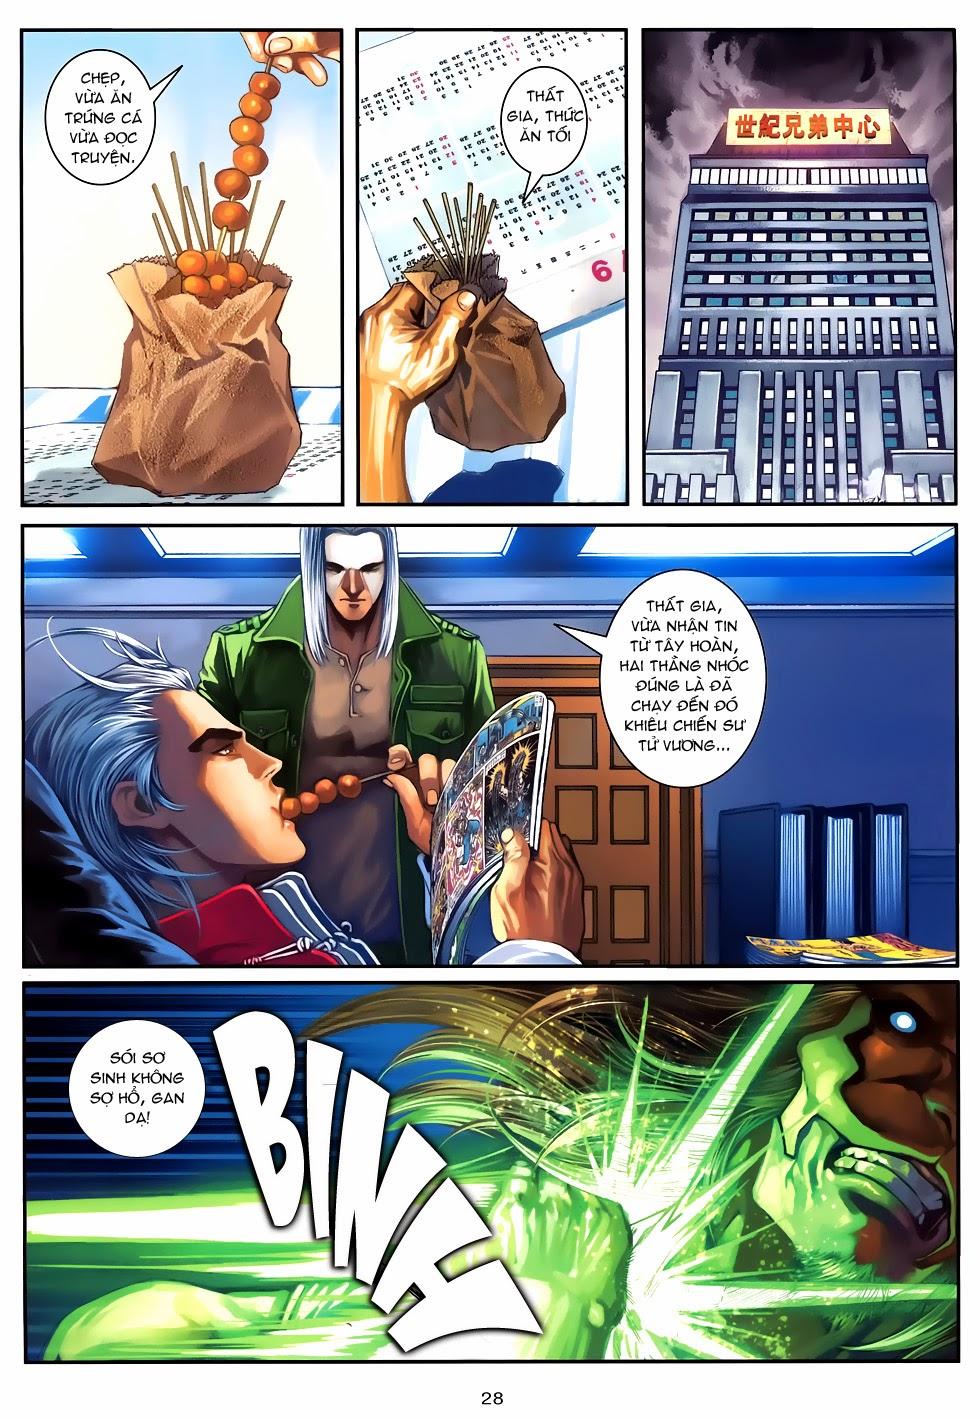 Quyền Đạo chapter 9 trang 28